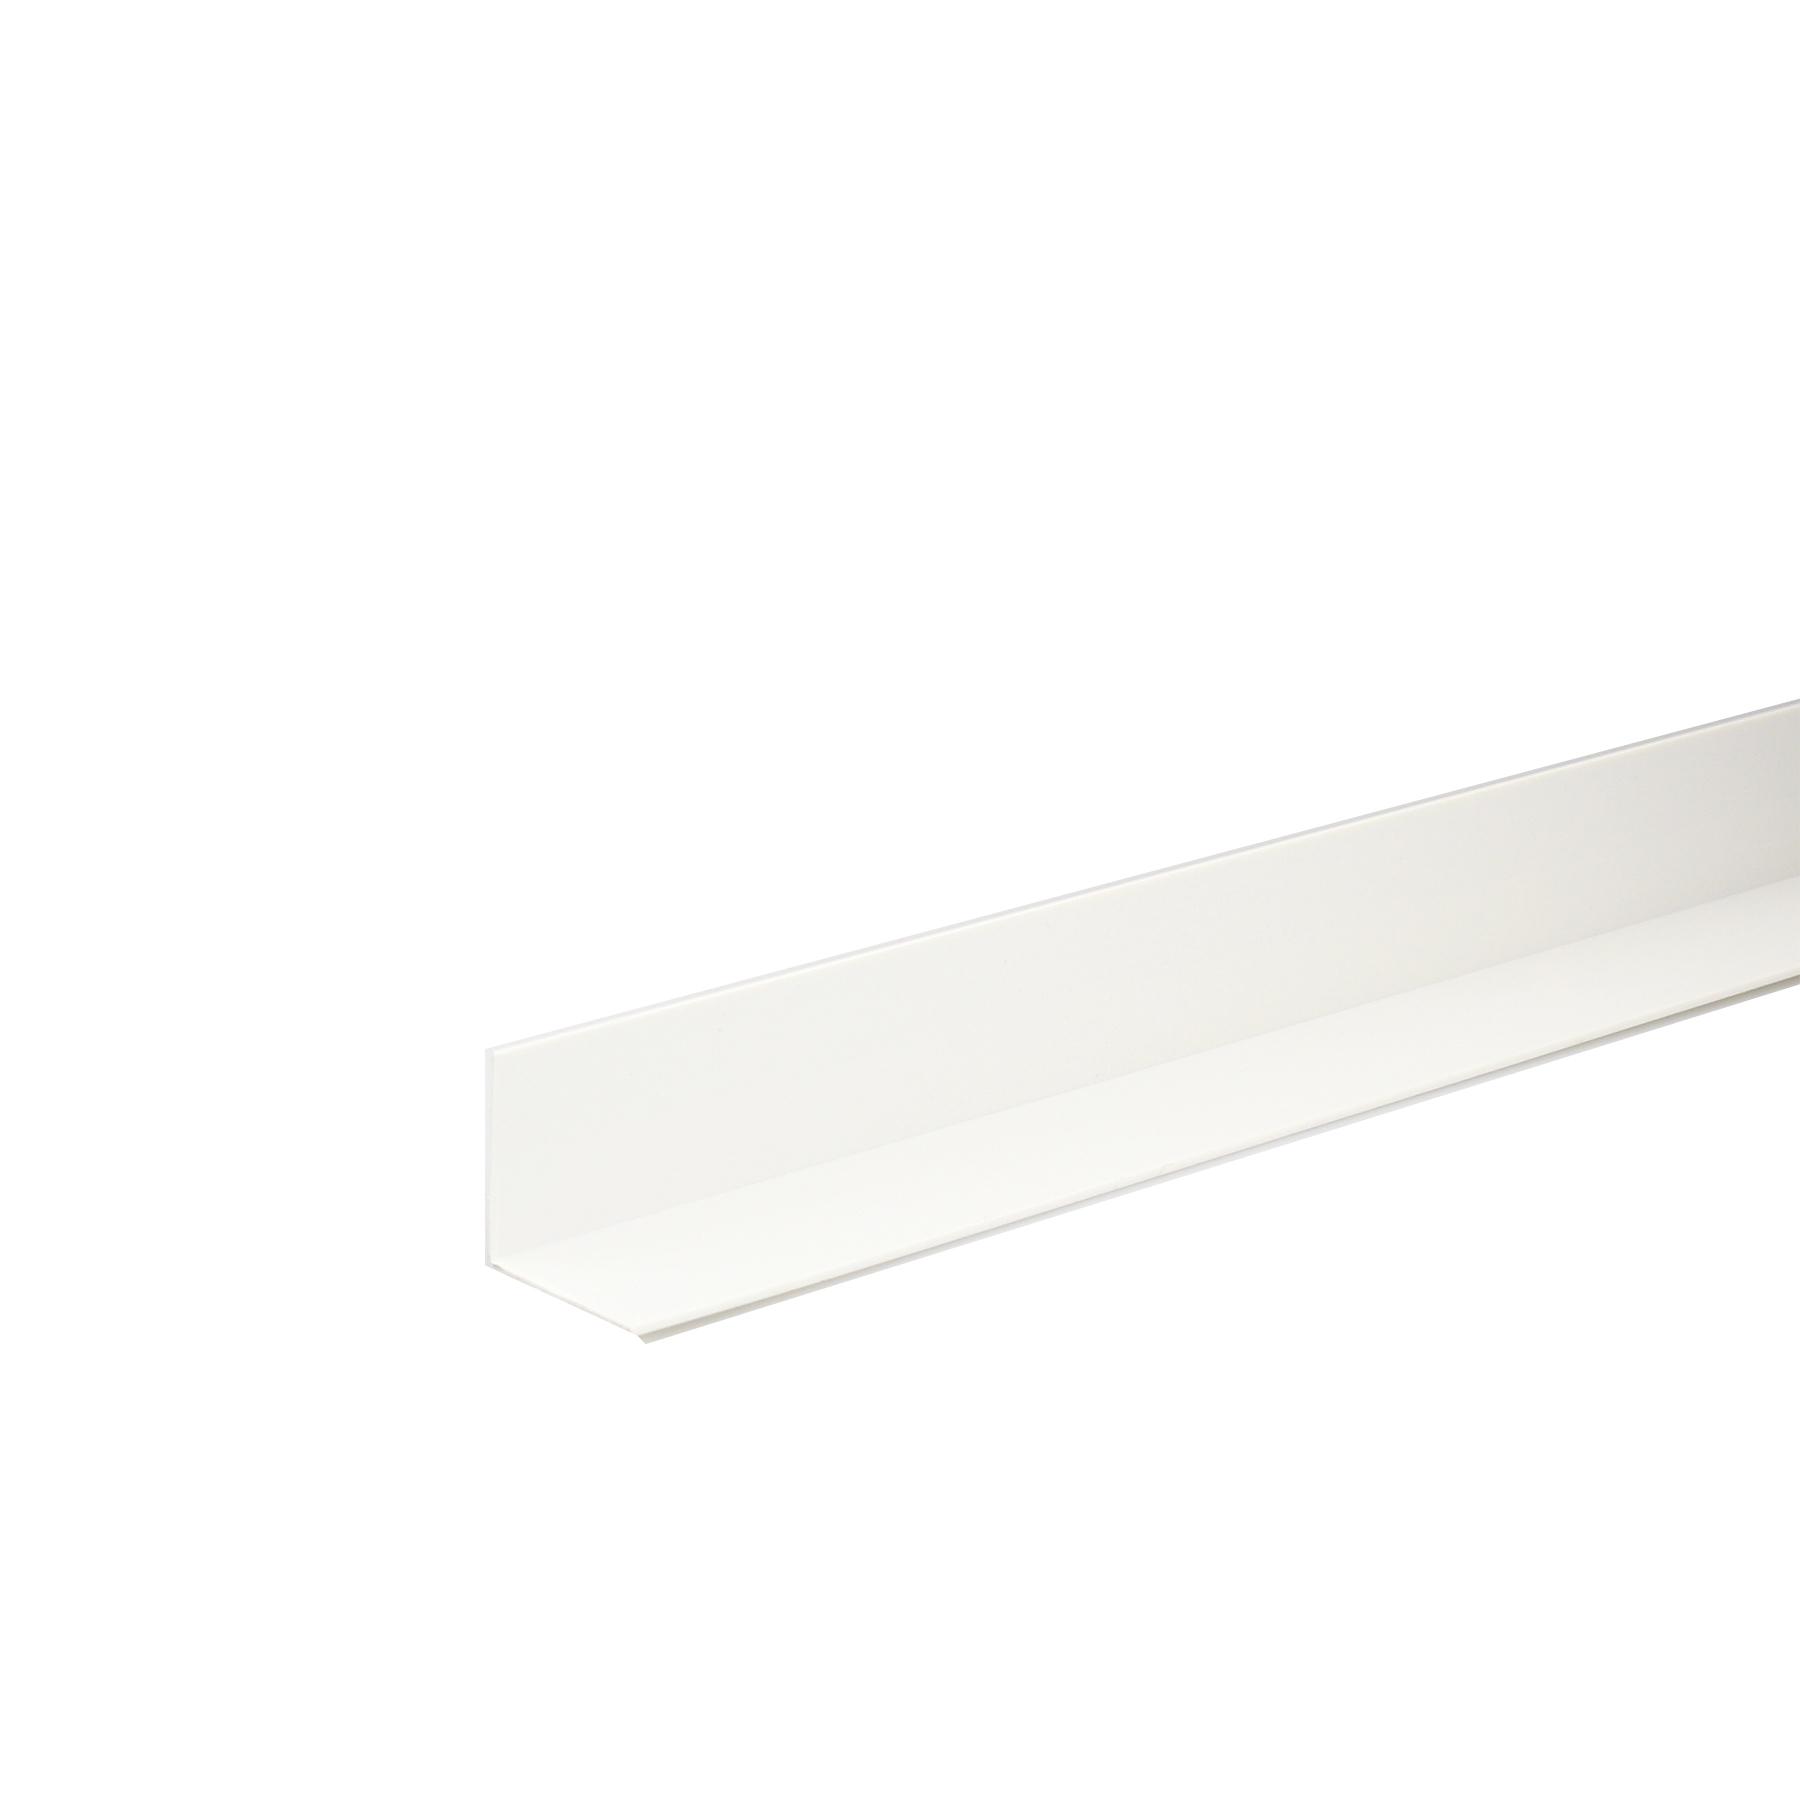 Perfil Cantos Diferentes PVC Porcelana 1mx2,5cm